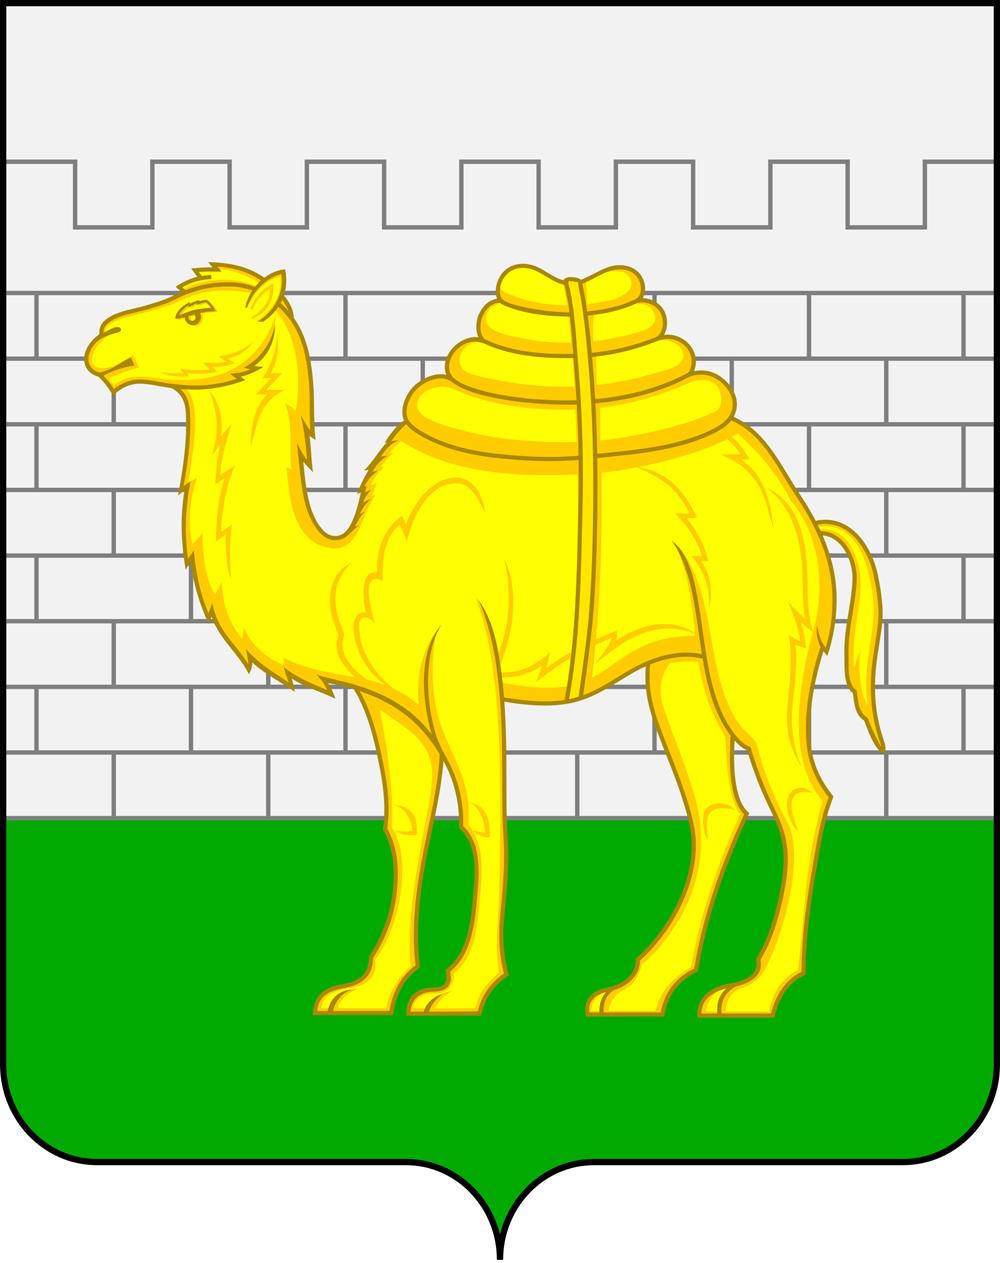 Grb Čeljabinska (Južni Ural, 1500 km istočno od Moskve).